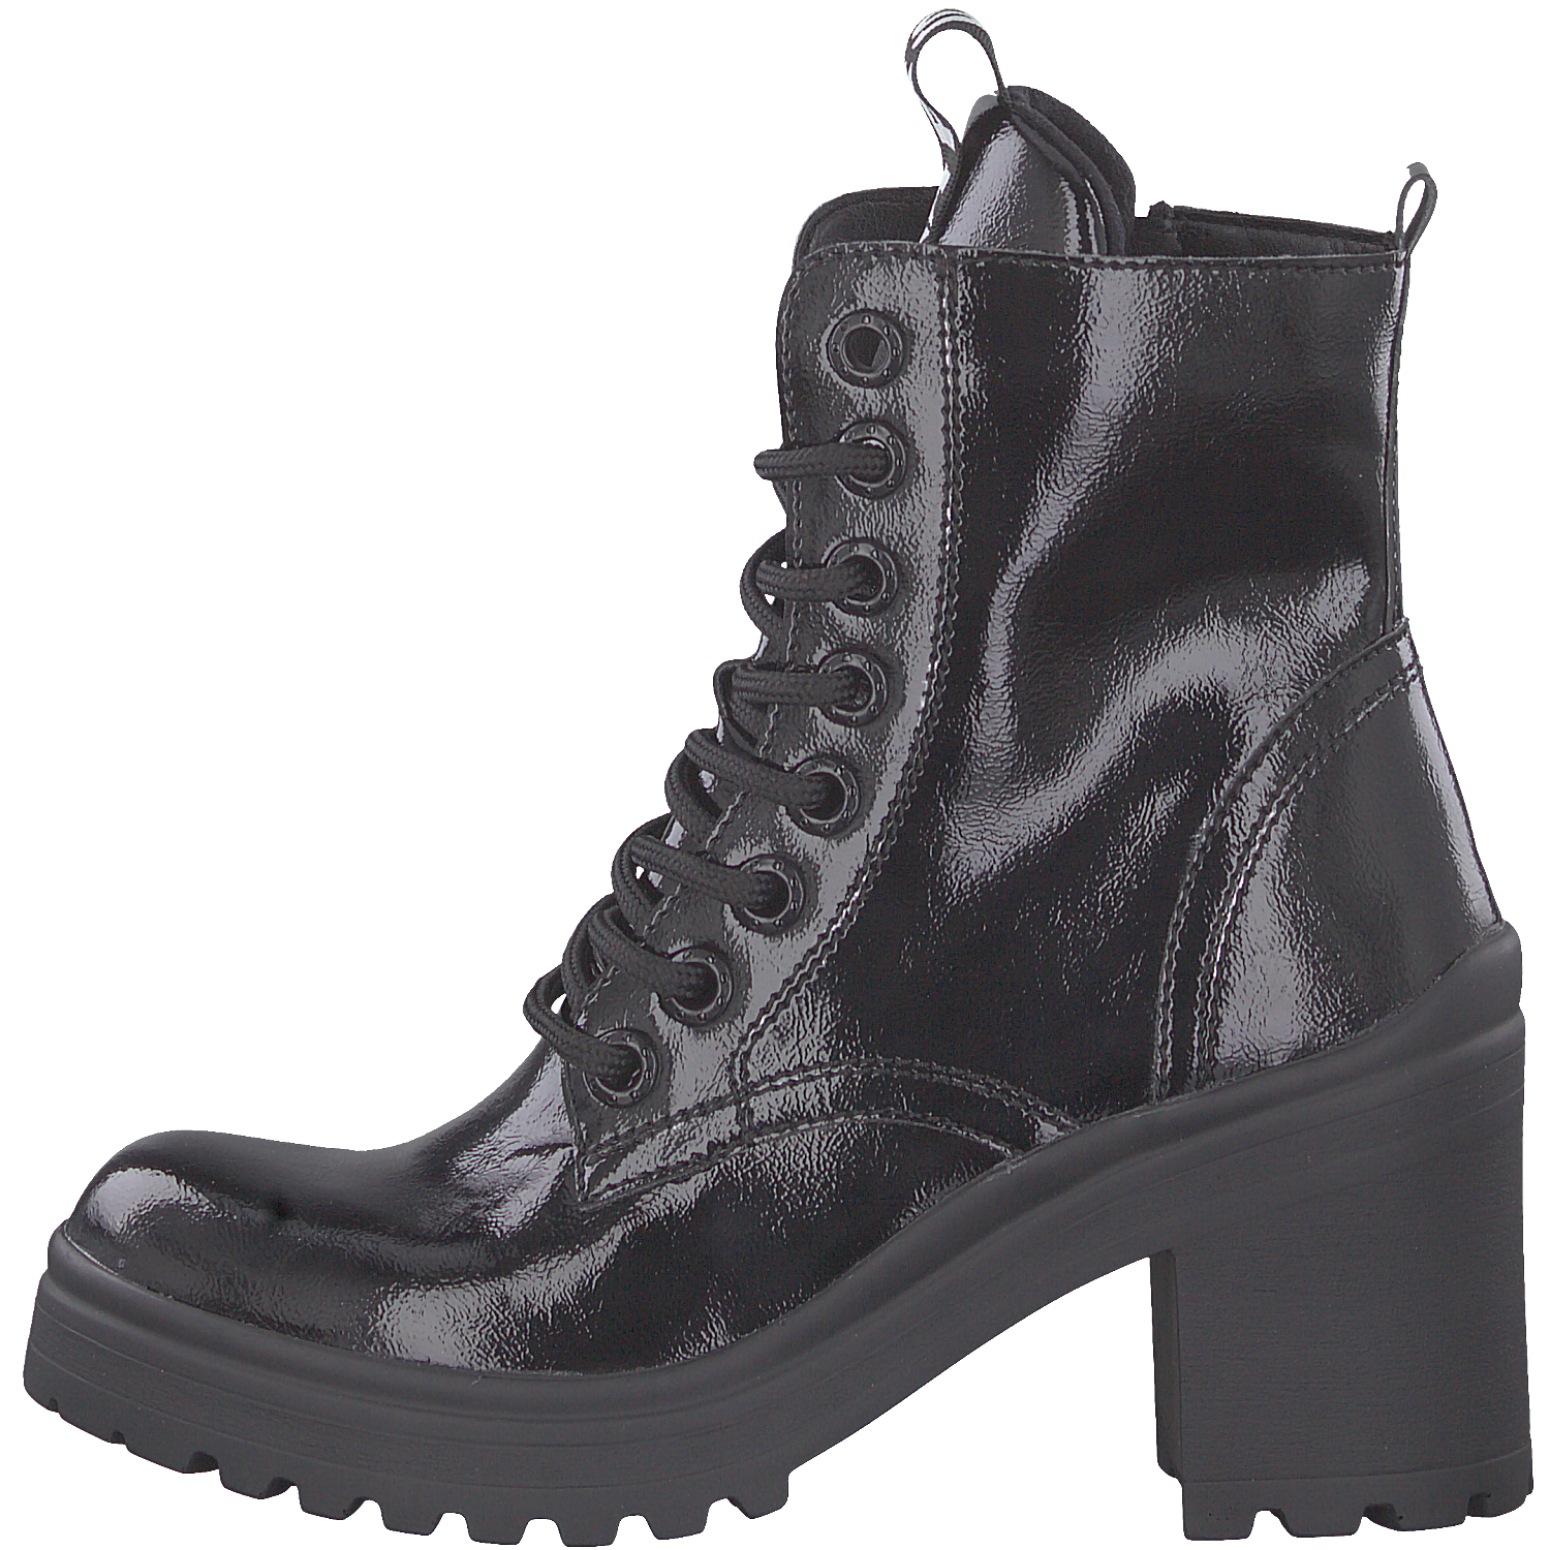 Details zu Tamaris 1 25282 23 Damen Schuhe Schnürstiefelette Plateau Boots Stiefeletten